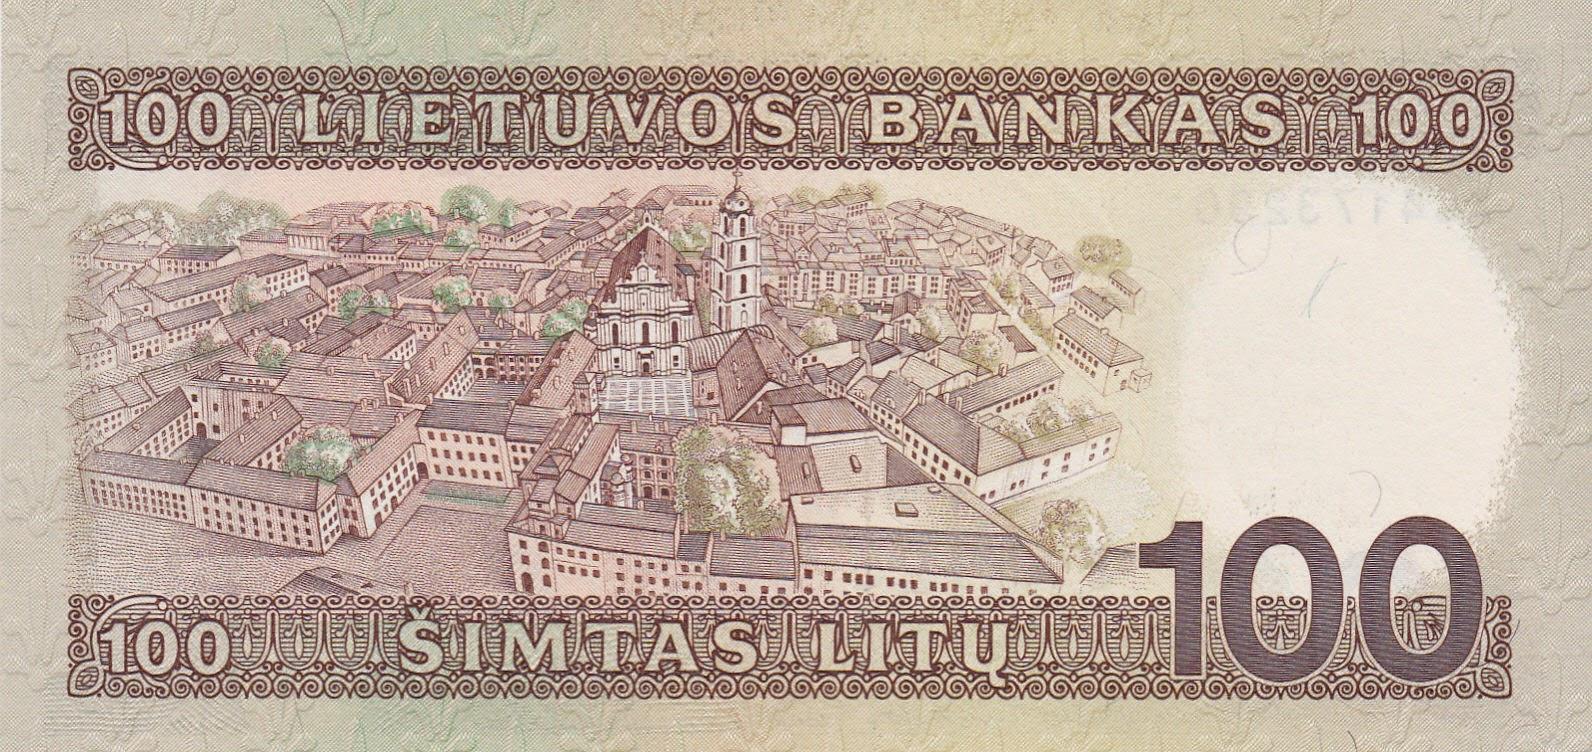 Lithuania 100 Litu banknote 1991 Vytis